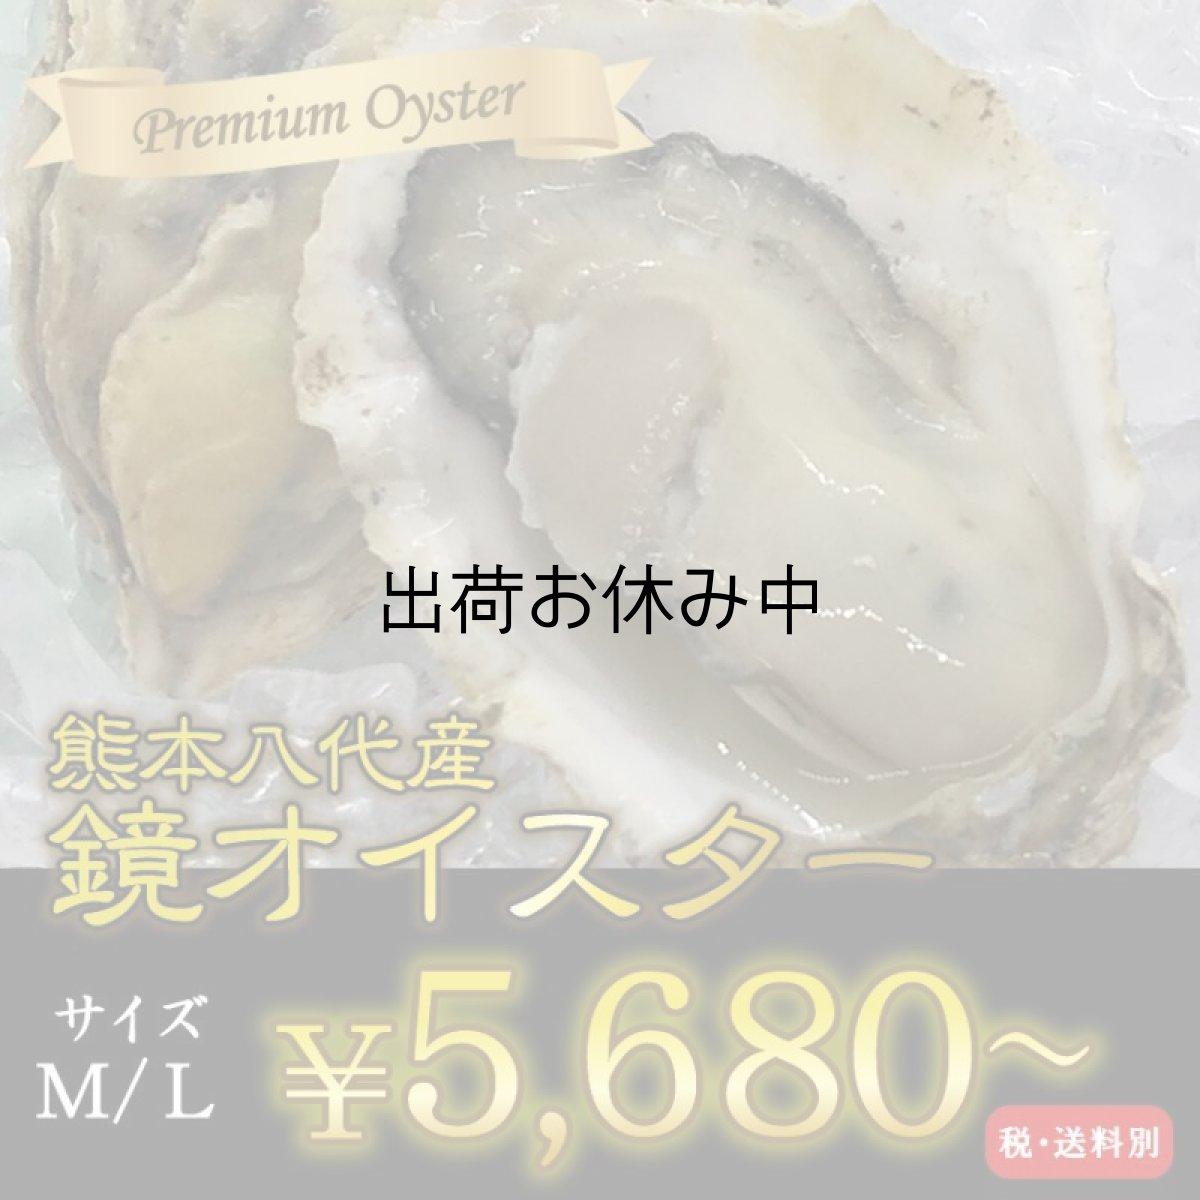 画像1: 【お急ぎ便】 熊本八代産 鏡オイスター(お届け地域限定) (1)